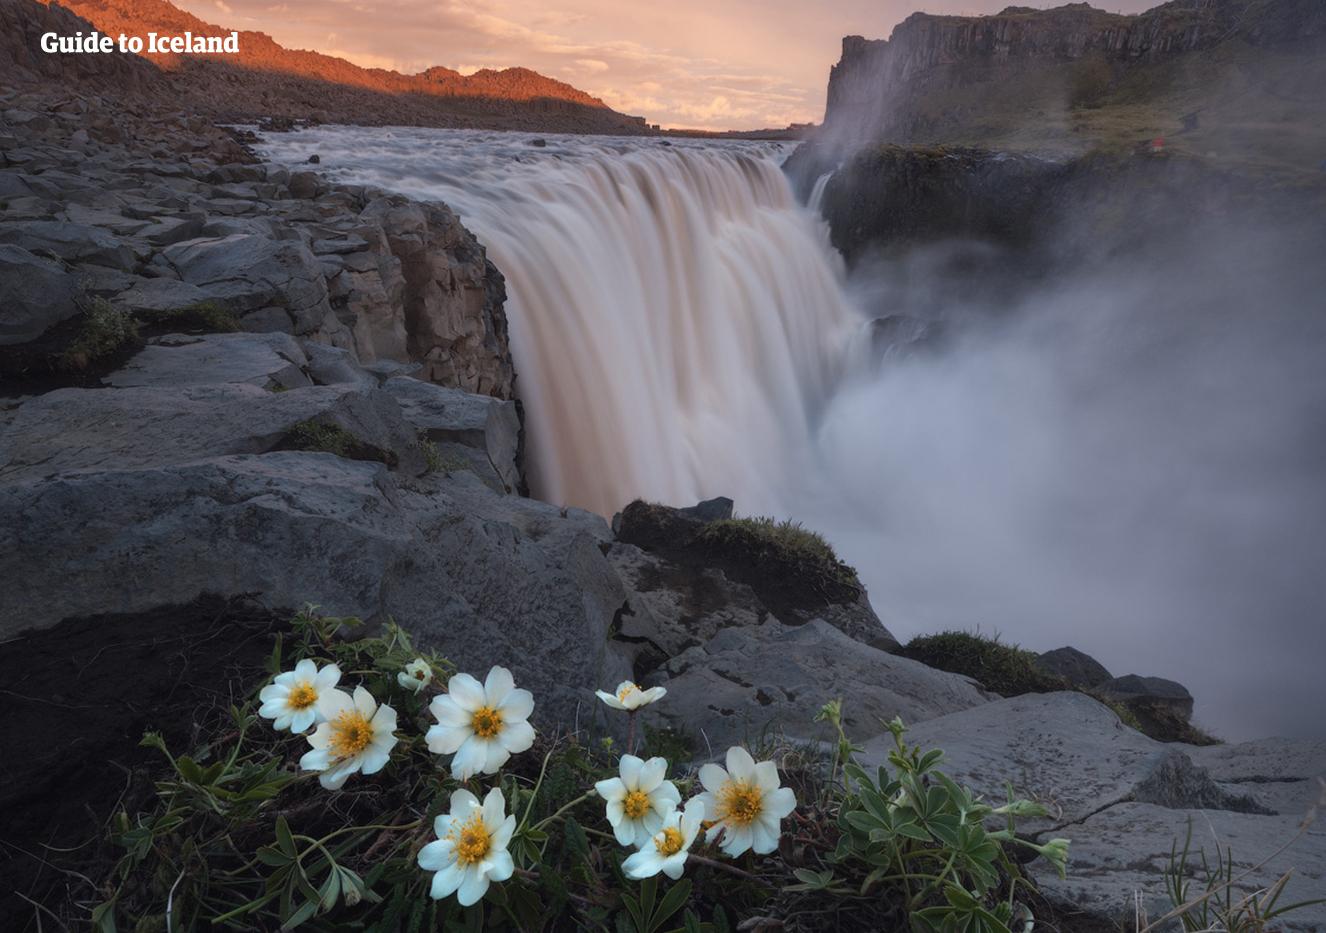 La beauté et la puissance de Mère Nature réunies pour former la stupéfiante cascade de Dettifoss.